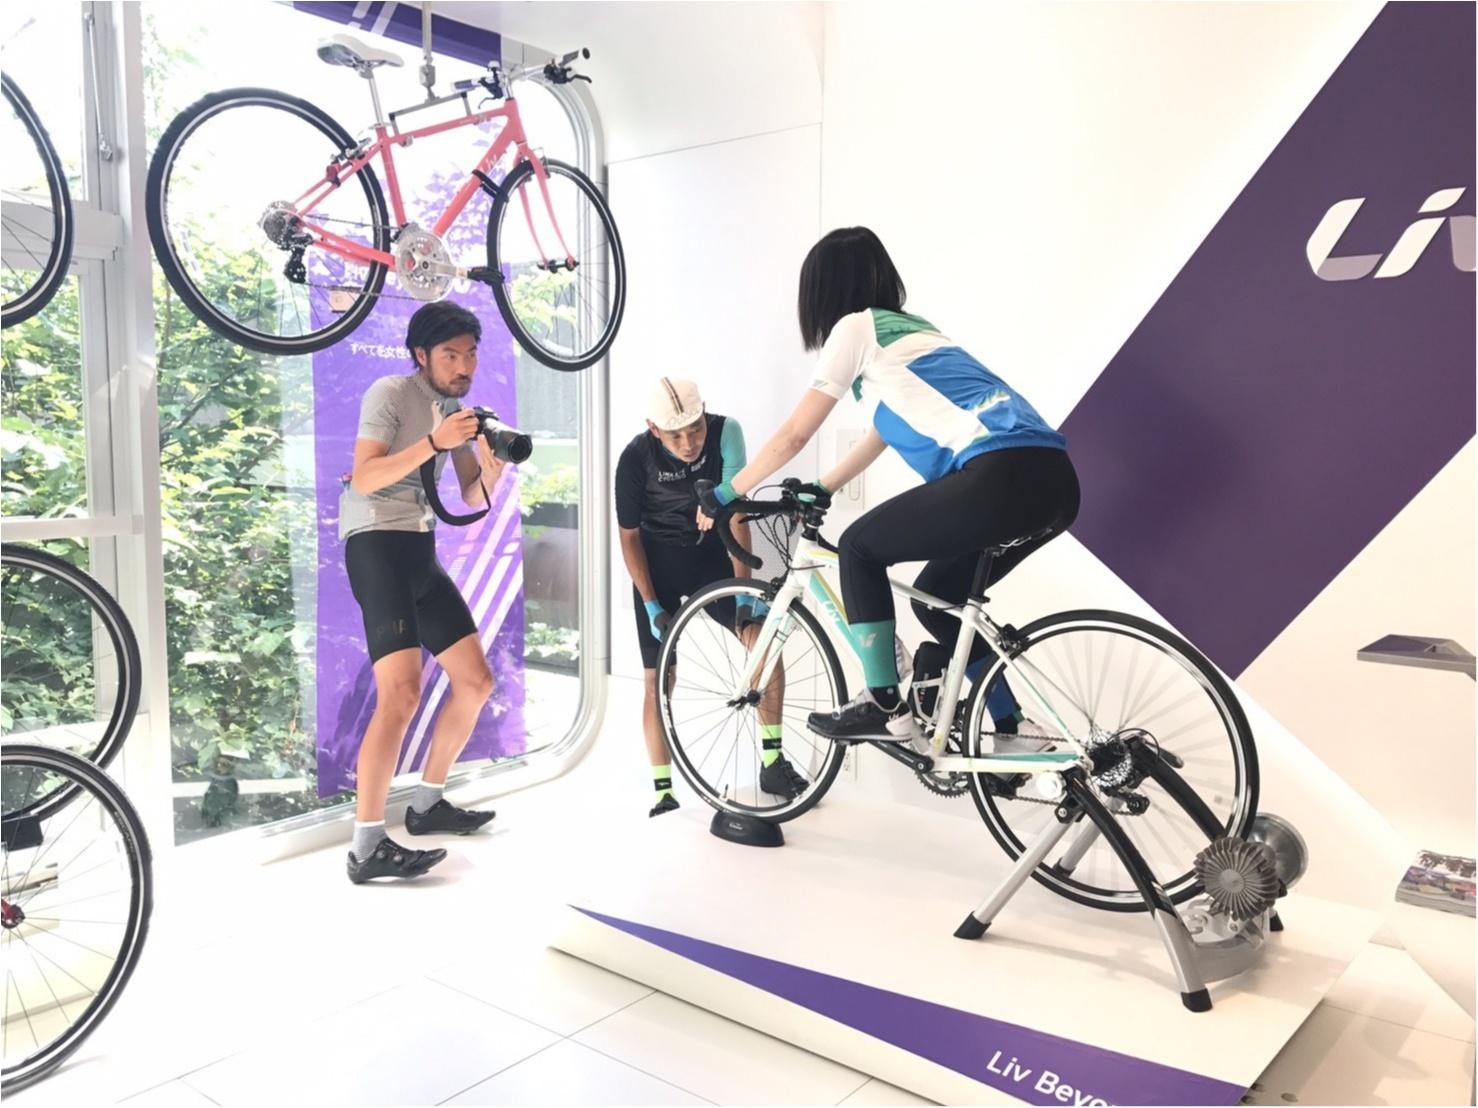 ロードバイク初体験!元オリンピック選手からしっかり教わります!#ツール・ド・東北【#モアチャレ あかね】_4